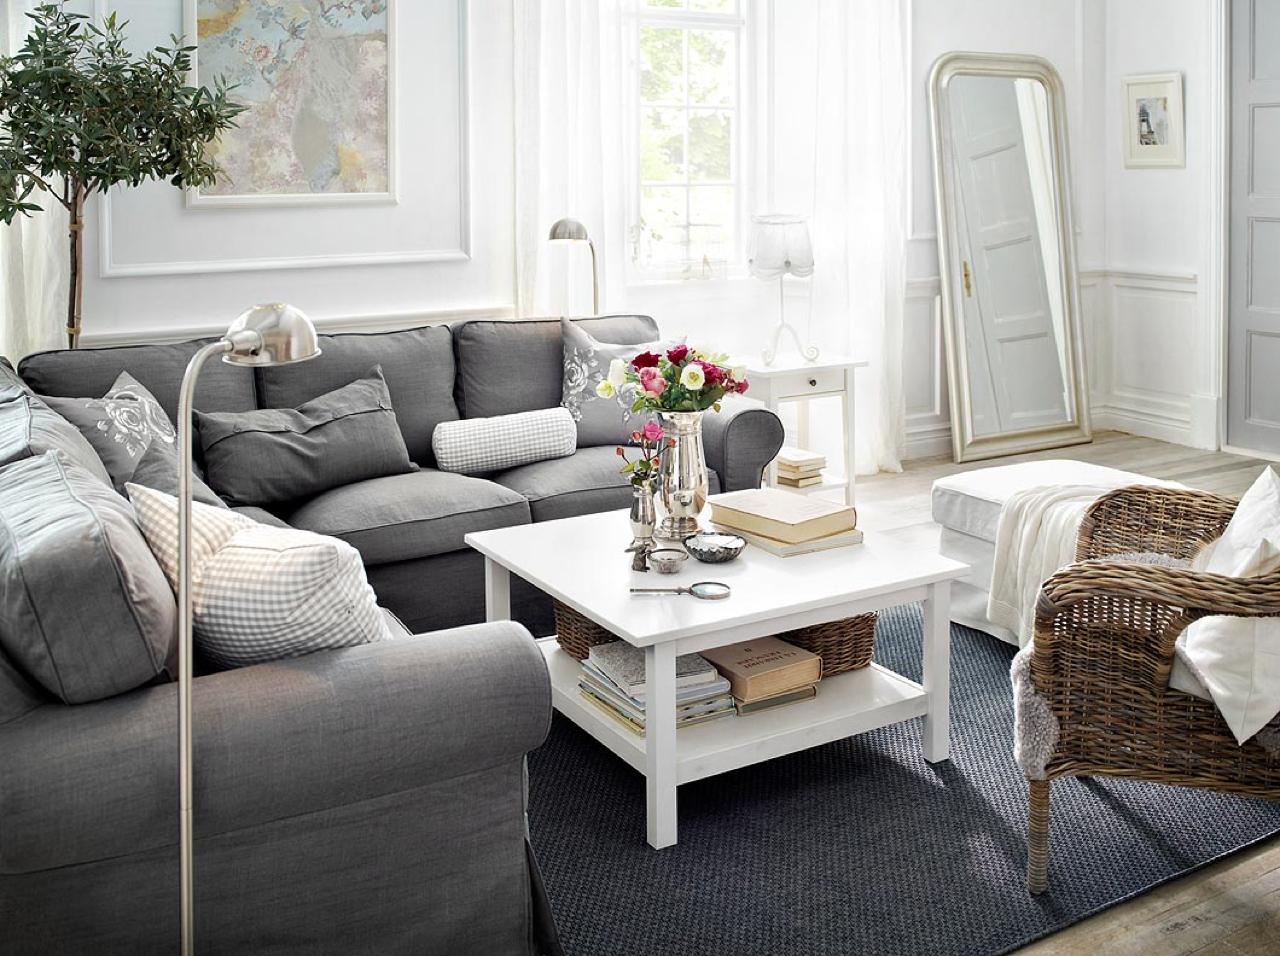 Arredare il soggiorno da ikea ecco 24 bellissimi soggiorni for Arredamento salone